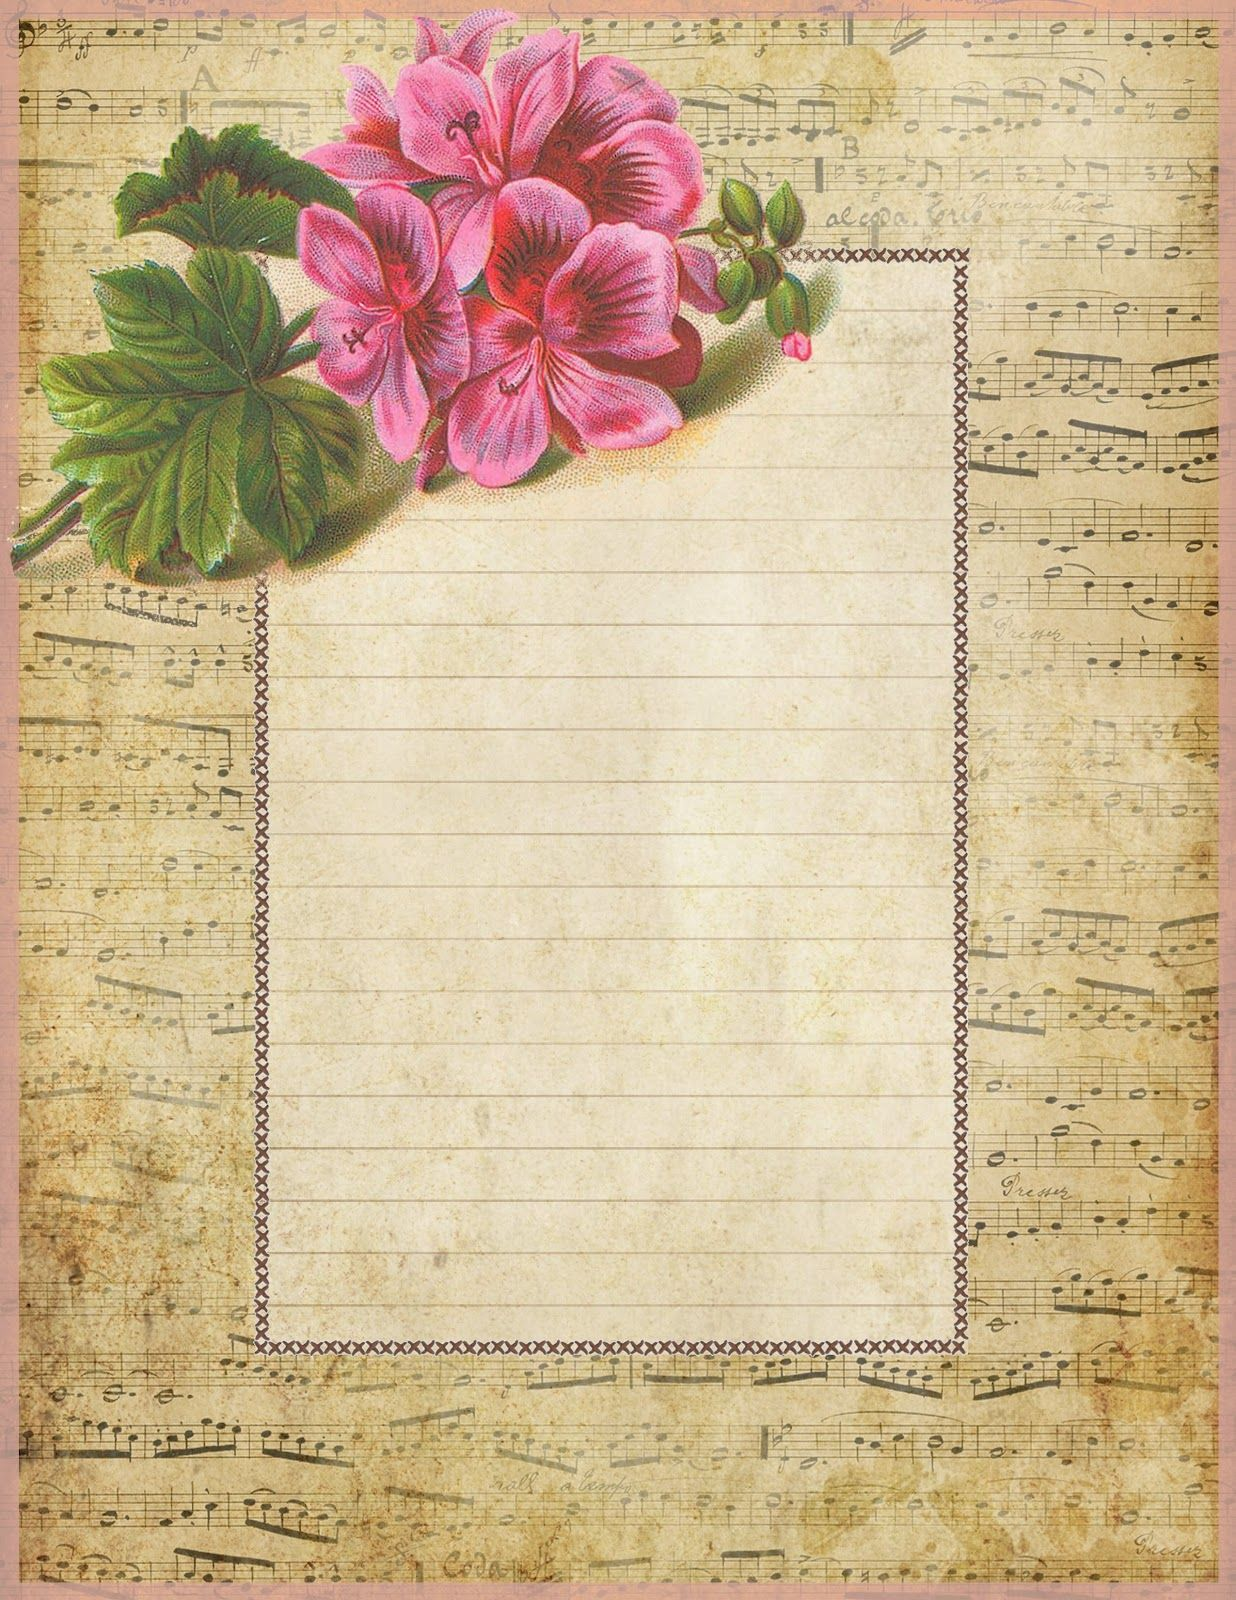 красивый лист для поздравления с юбилеем оформили